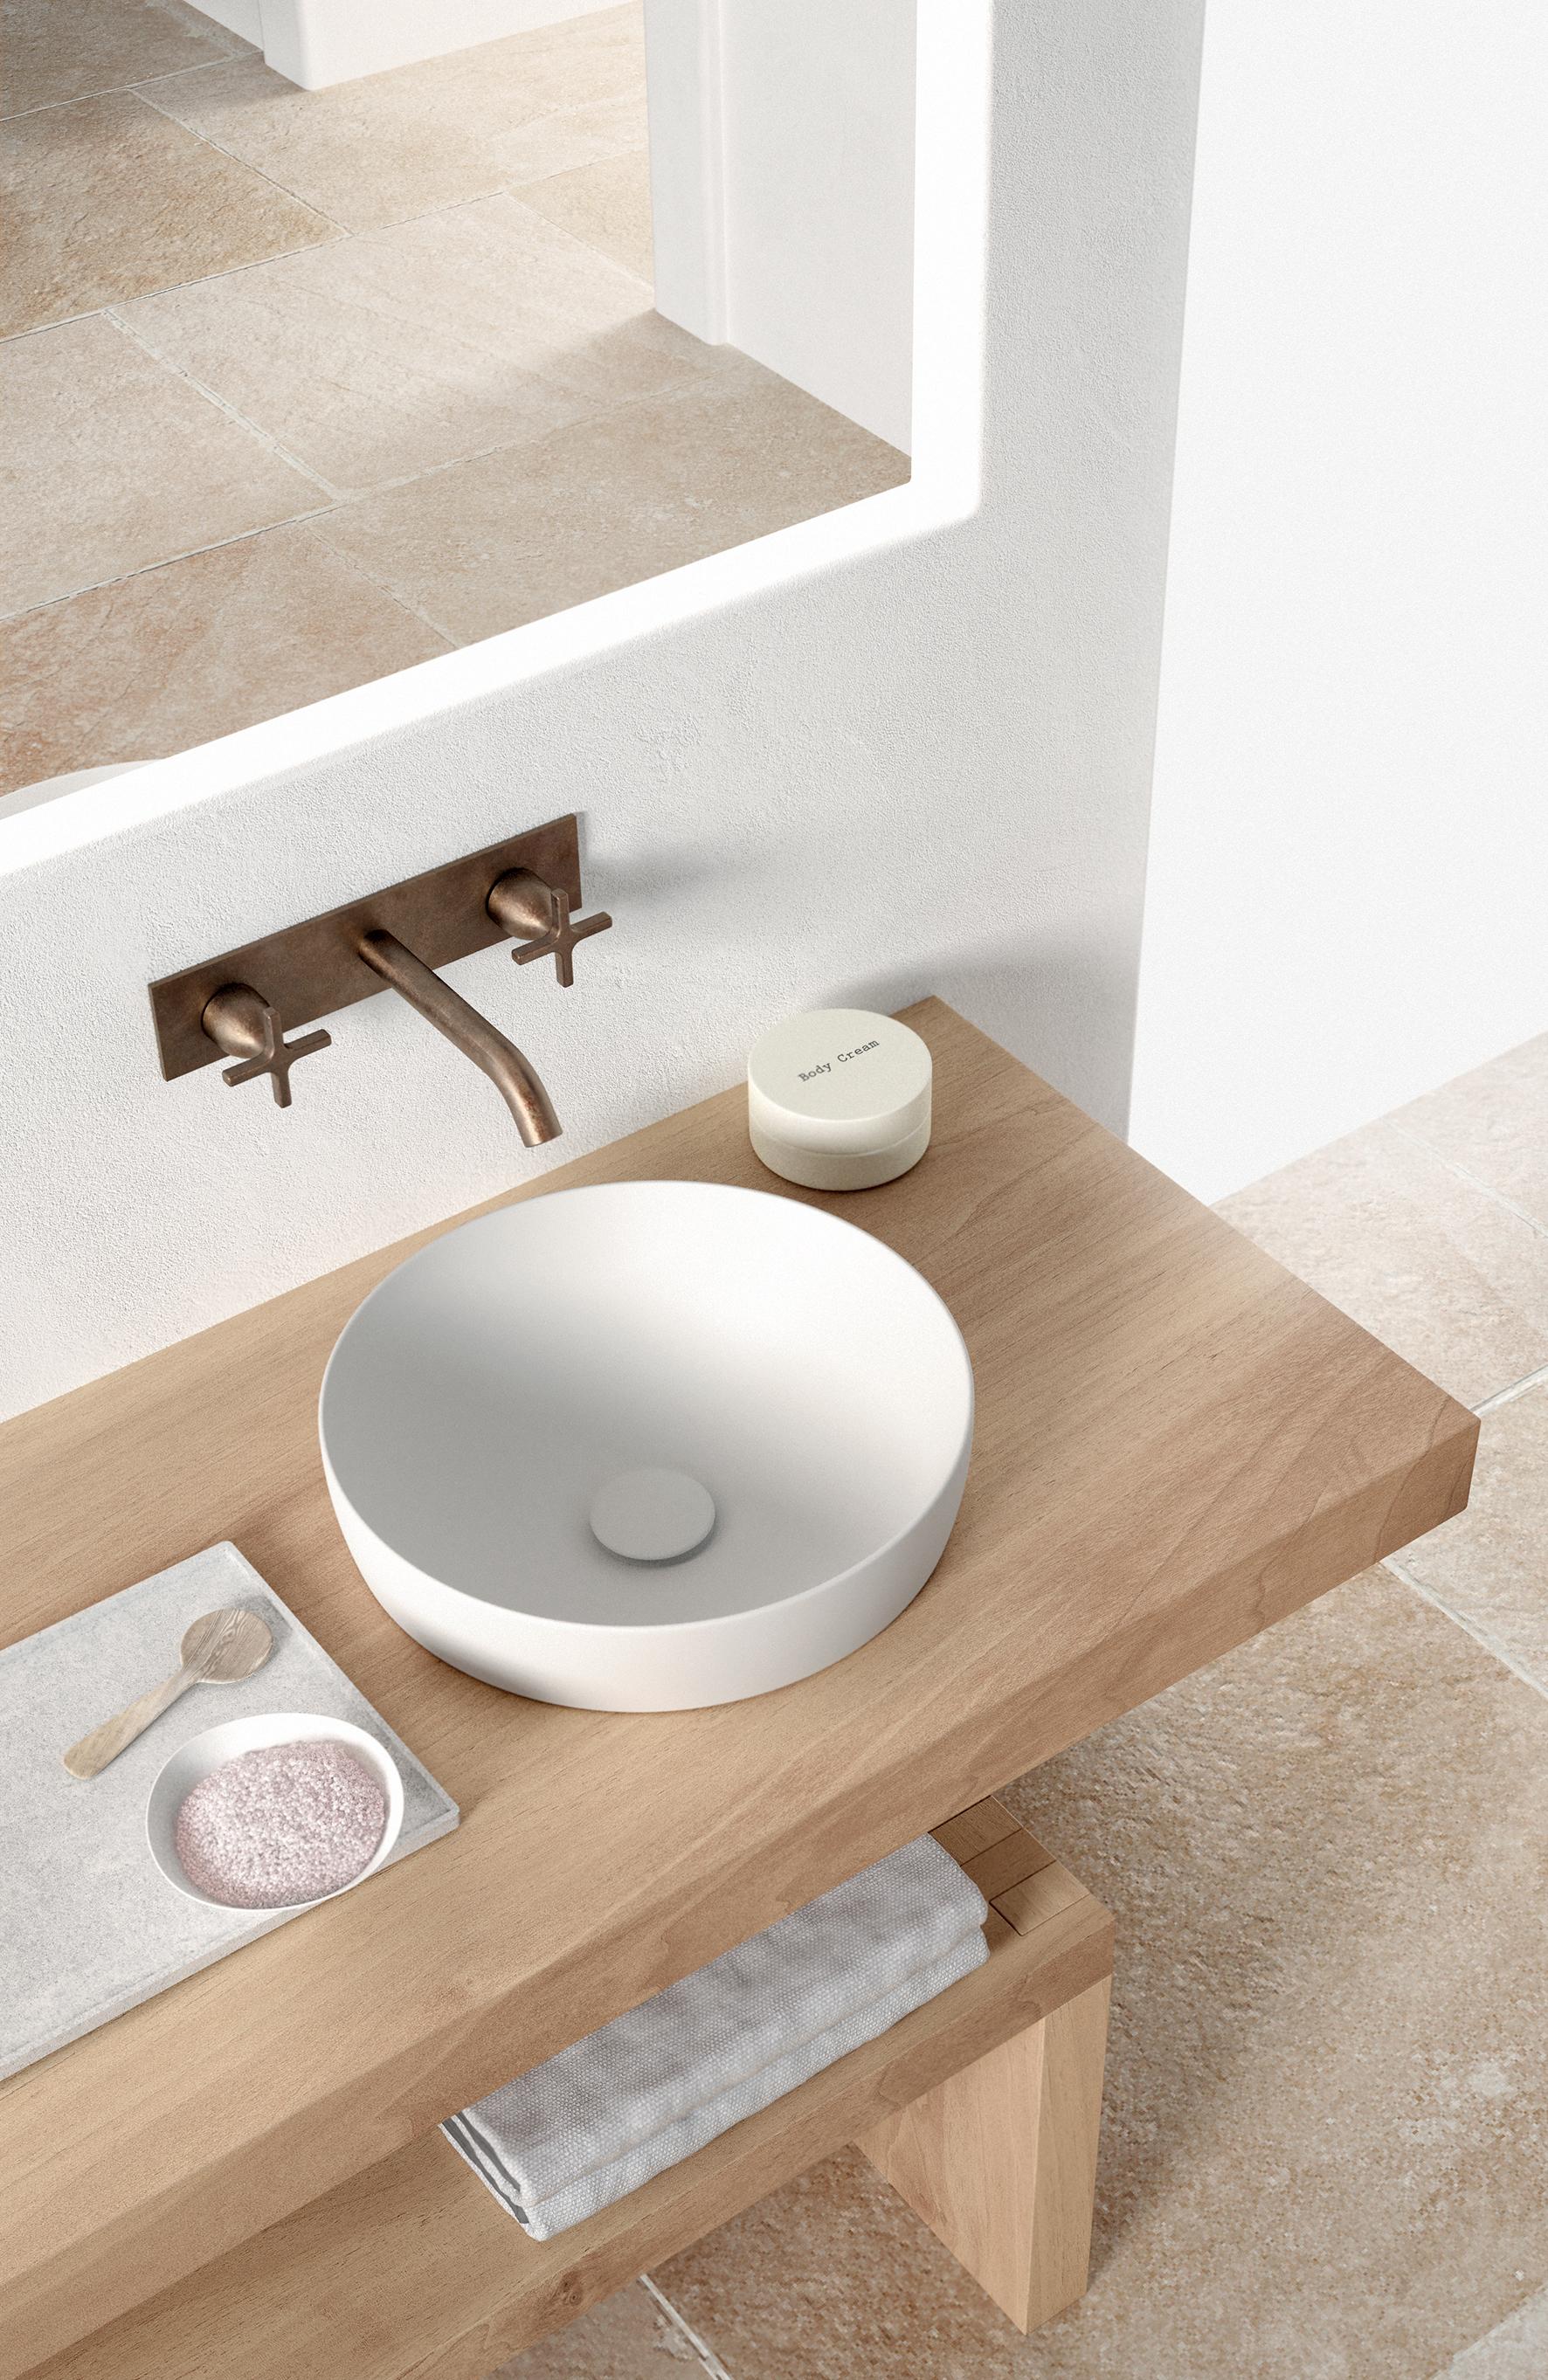 micro bathrooms, micro living, bathroom design, Lösungen für ein kleines Badezimmer